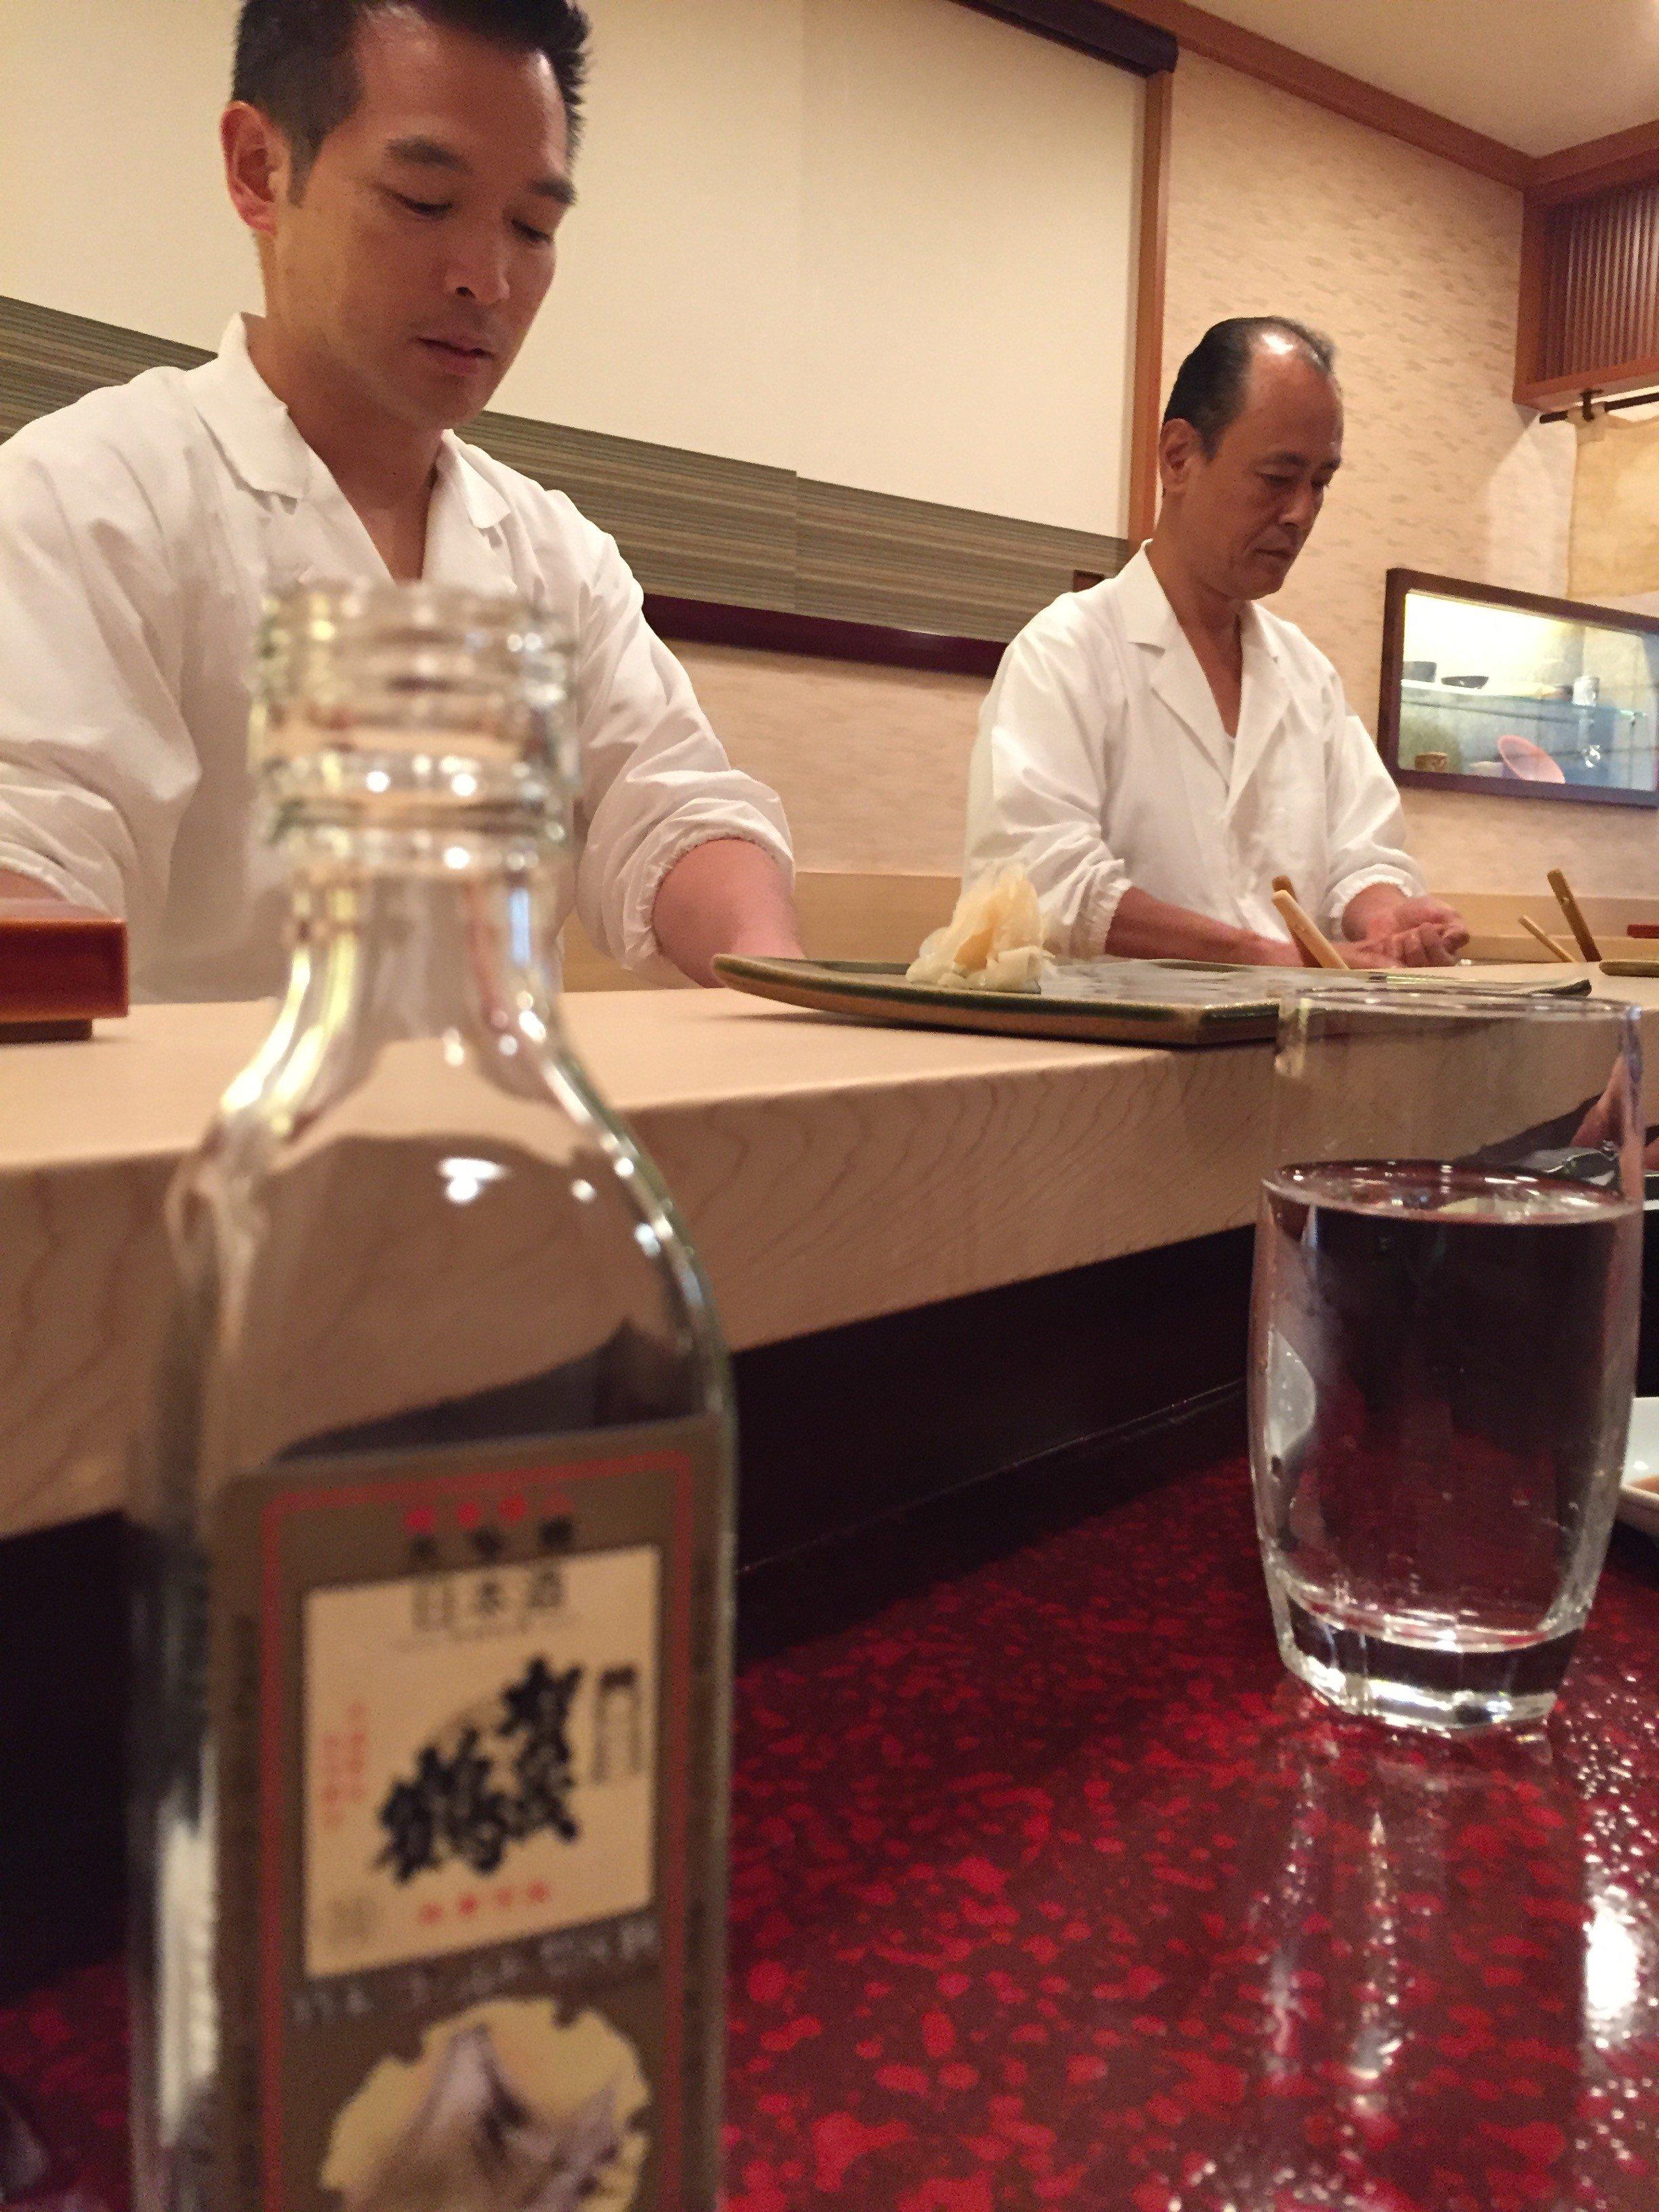 Sushi chefs at work at Hiro-Sushi, Japan